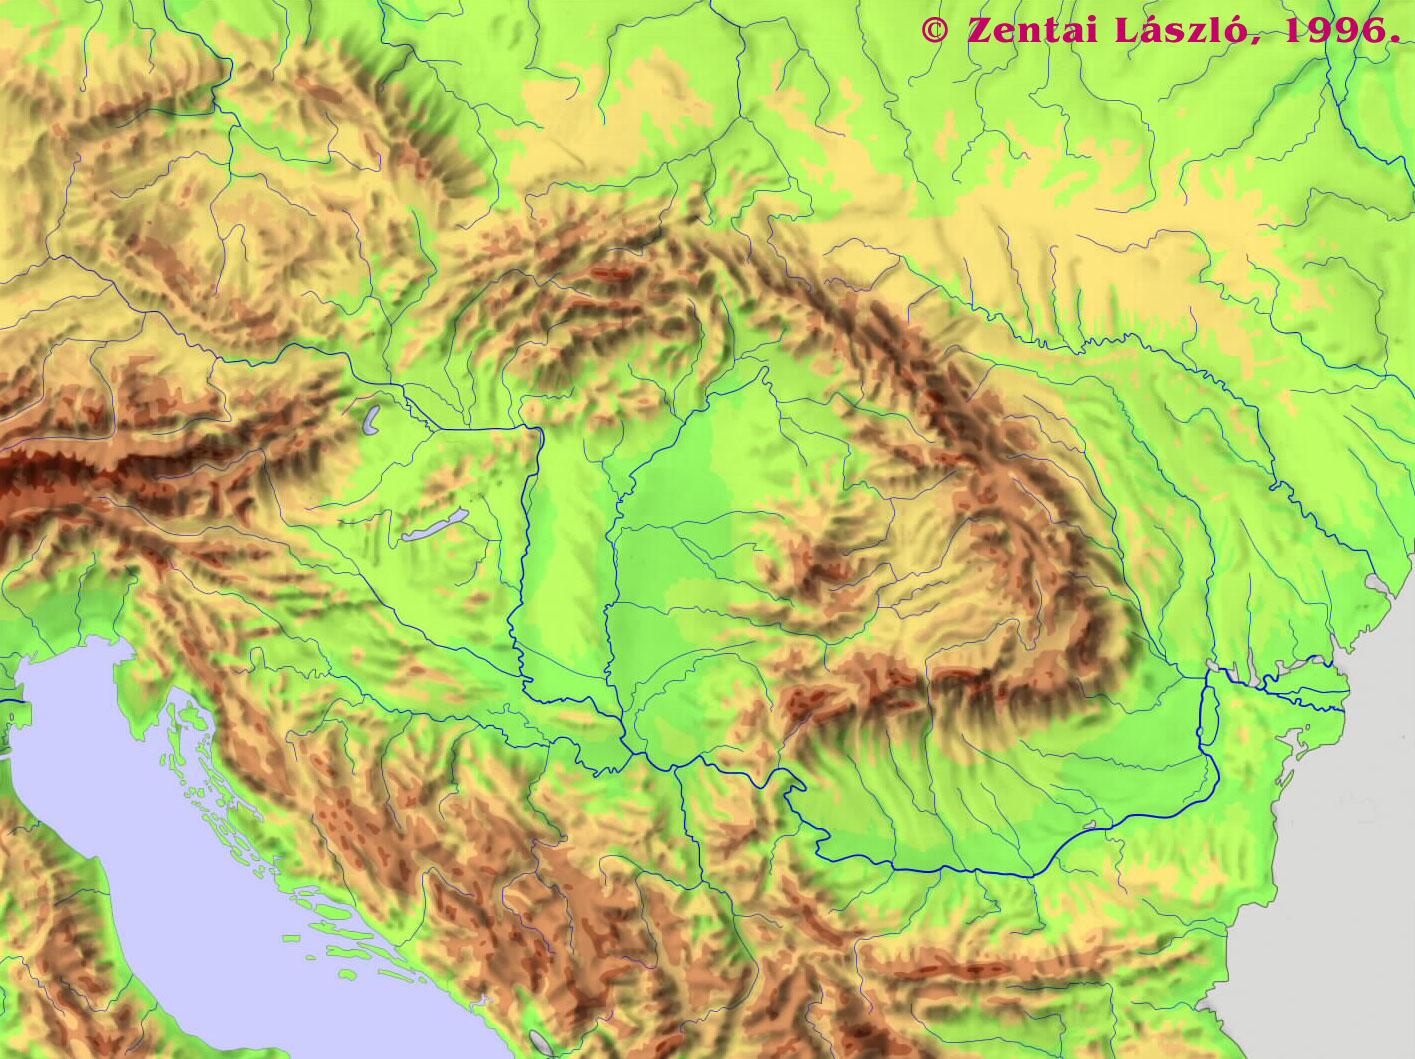 magyarország domborzati térkép letöltés Online térképek: Kárpát medence domborzati térkép magyarország domborzati térkép letöltés